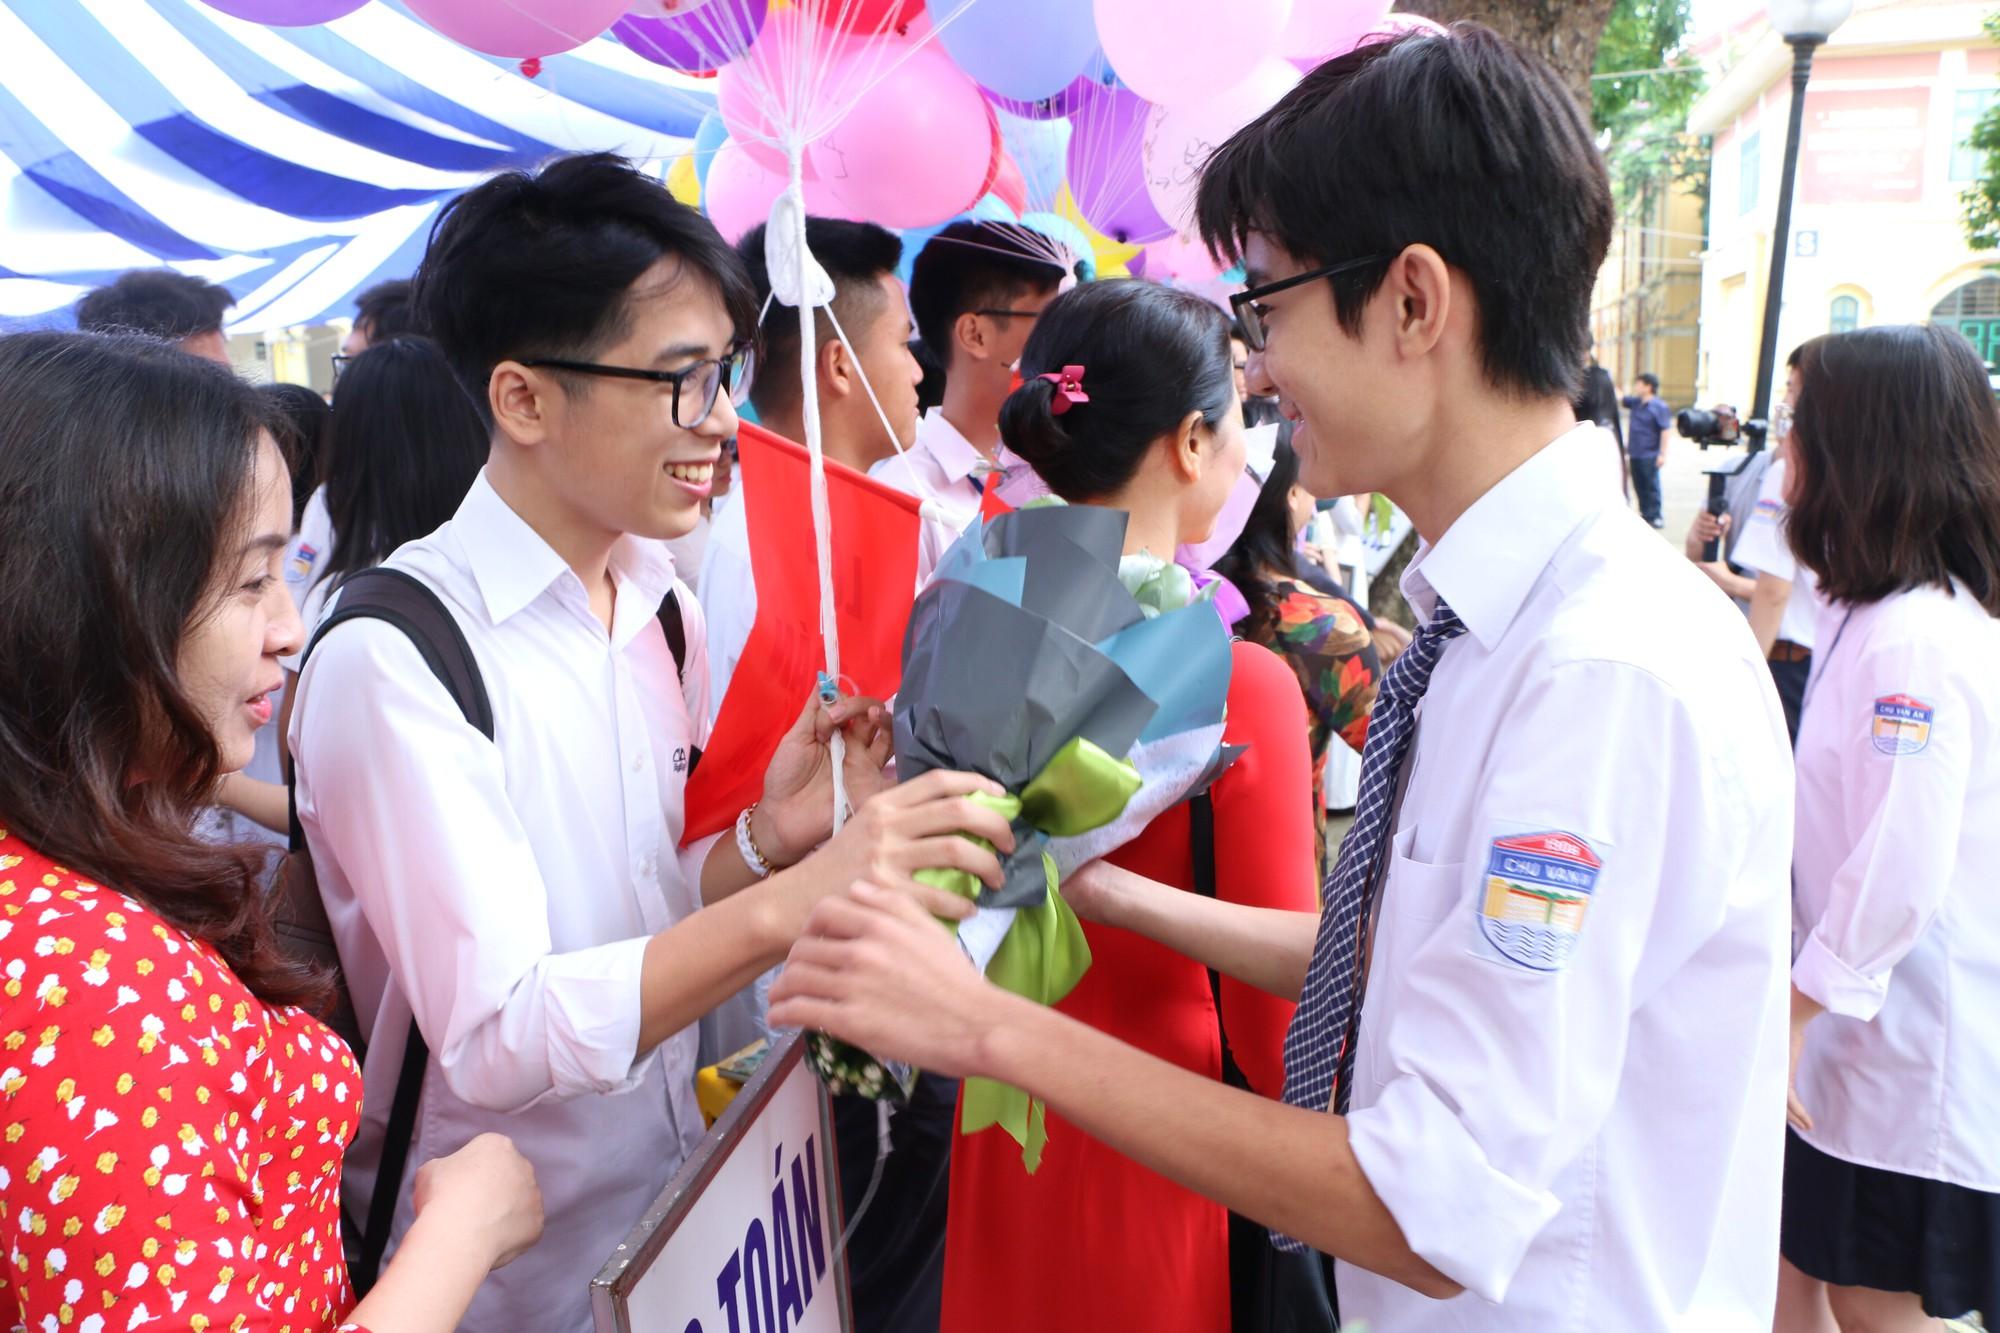 Ngắm nữ sinh Trường Chu Văn An duyên dáng, đẹp tinh khôi trong ngày bế giảng - Ảnh 8.